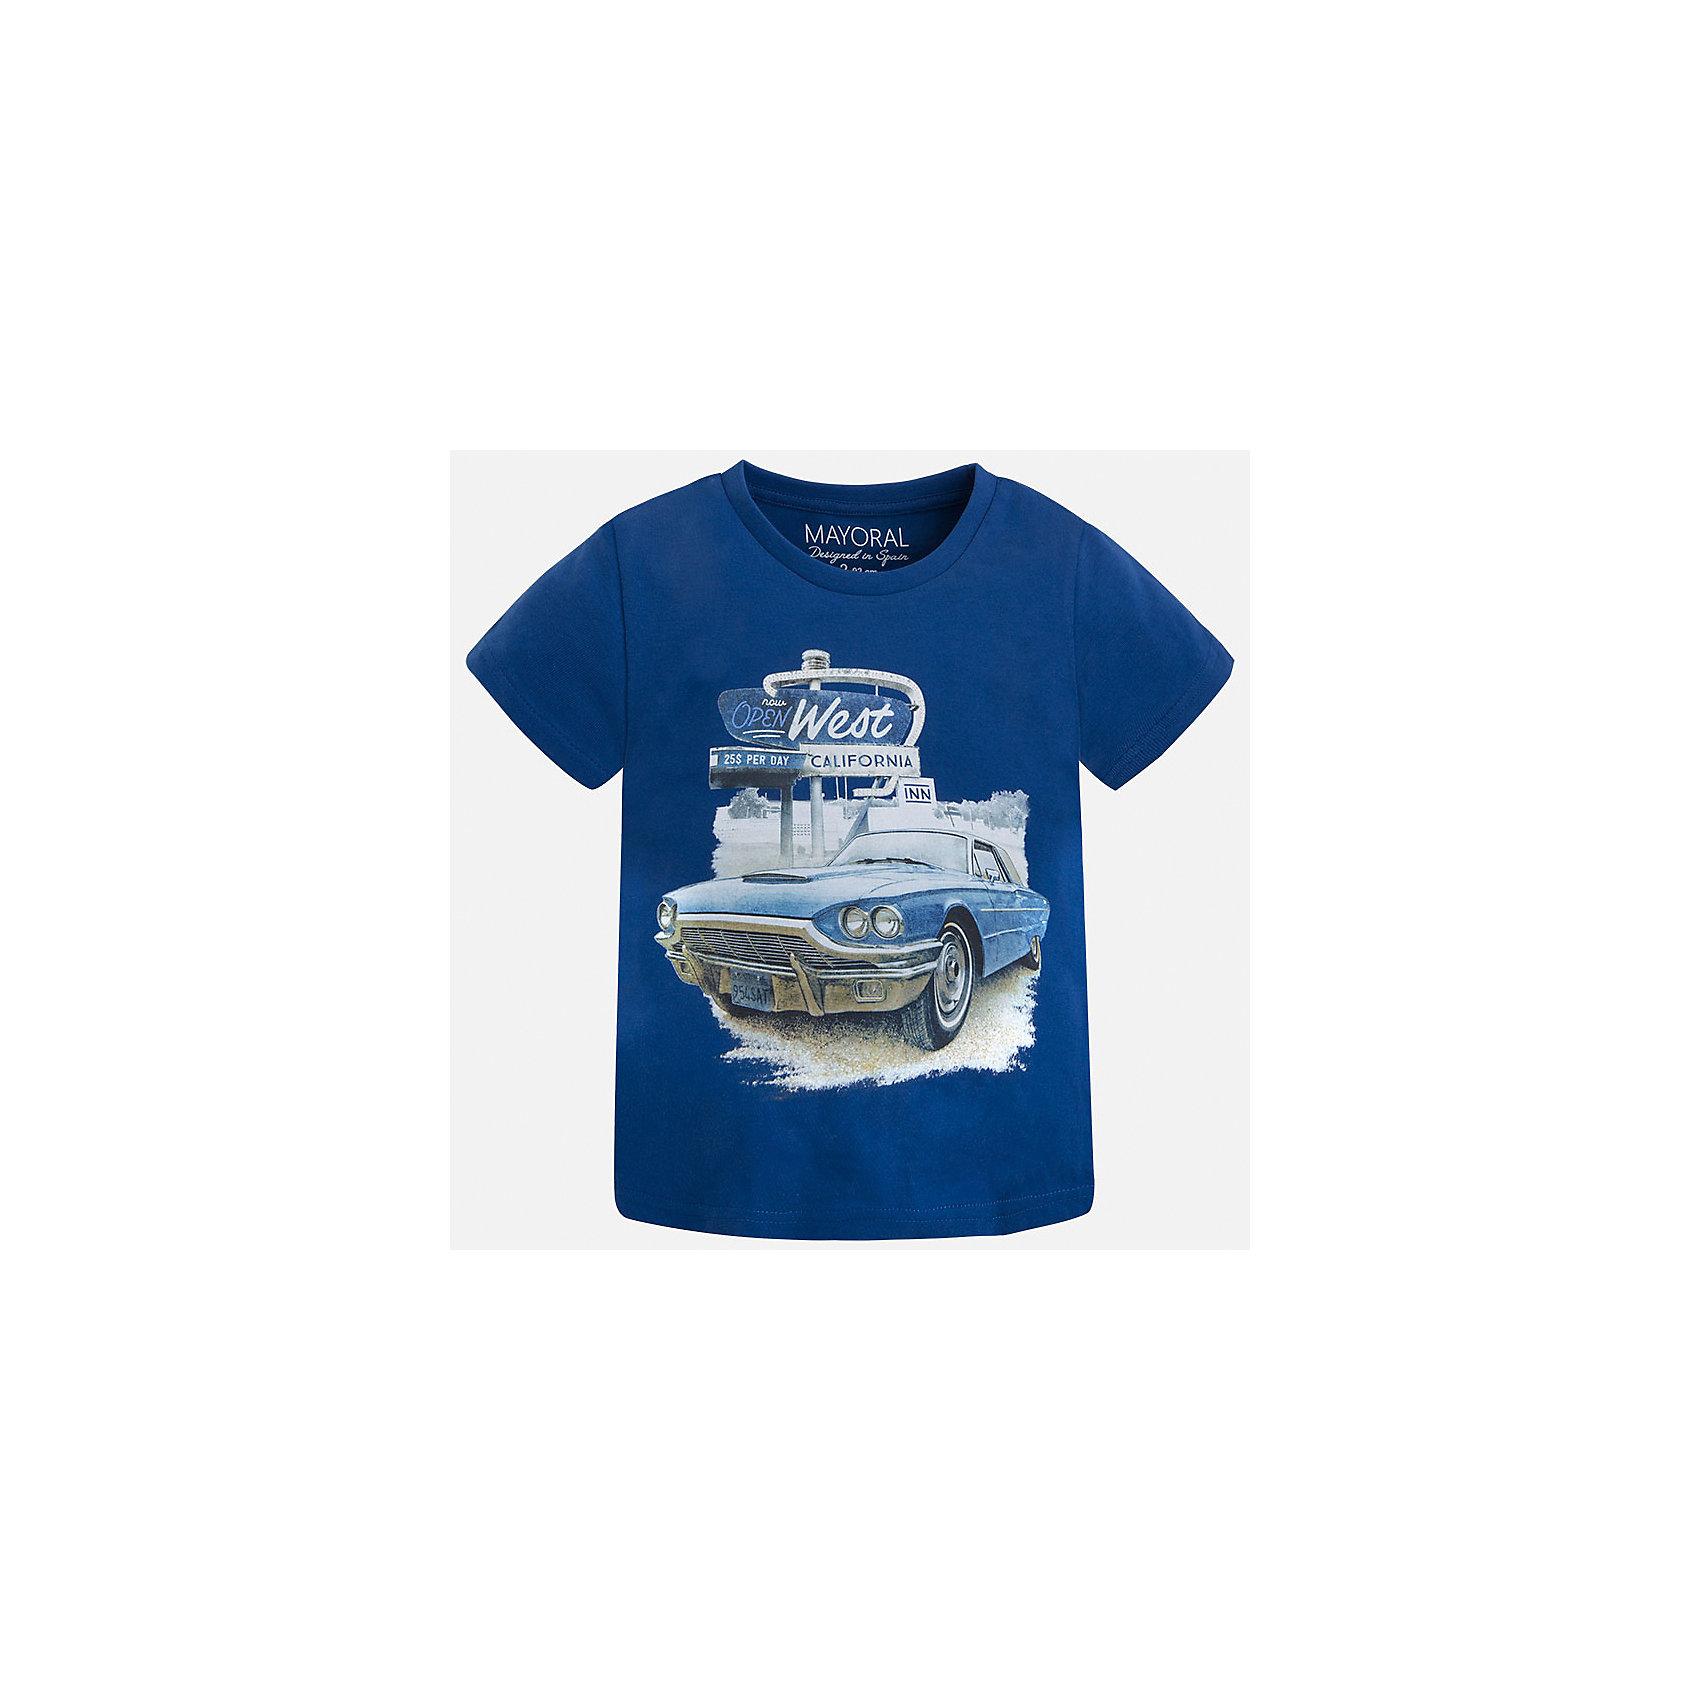 Футболка для мальчика MayoralФутболки, поло и топы<br>Характеристики товара:<br><br>• цвет: синий<br>• состав: 100% хлопок<br>• круглый горловой вырез<br>• принт впереди<br>• короткие рукава<br>• отделка горловины<br>• страна бренда: Испания<br><br>Стильная футболка с принтом поможет разнообразить гардероб мальчика. Она отлично сочетается с брюками, шортами, джинсами и т.д. Универсальный крой и цвет позволяет подобрать к вещи низ разных расцветок. Практичное и стильное изделие! В составе материала - только натуральный хлопок, гипоаллергенный, приятный на ощупь, дышащий.<br><br>Одежда, обувь и аксессуары от испанского бренда Mayoral полюбились детям и взрослым по всему миру. Модели этой марки - стильные и удобные. Для их производства используются только безопасные, качественные материалы и фурнитура. Порадуйте ребенка модными и красивыми вещами от Mayoral! <br><br>Футболку для мальчика от испанского бренда Mayoral (Майорал) можно купить в нашем интернет-магазине.<br><br>Ширина мм: 199<br>Глубина мм: 10<br>Высота мм: 161<br>Вес г: 151<br>Цвет: серый<br>Возраст от месяцев: 18<br>Возраст до месяцев: 24<br>Пол: Мужской<br>Возраст: Детский<br>Размер: 92,134,110,128,122,116,104,98<br>SKU: 5280110